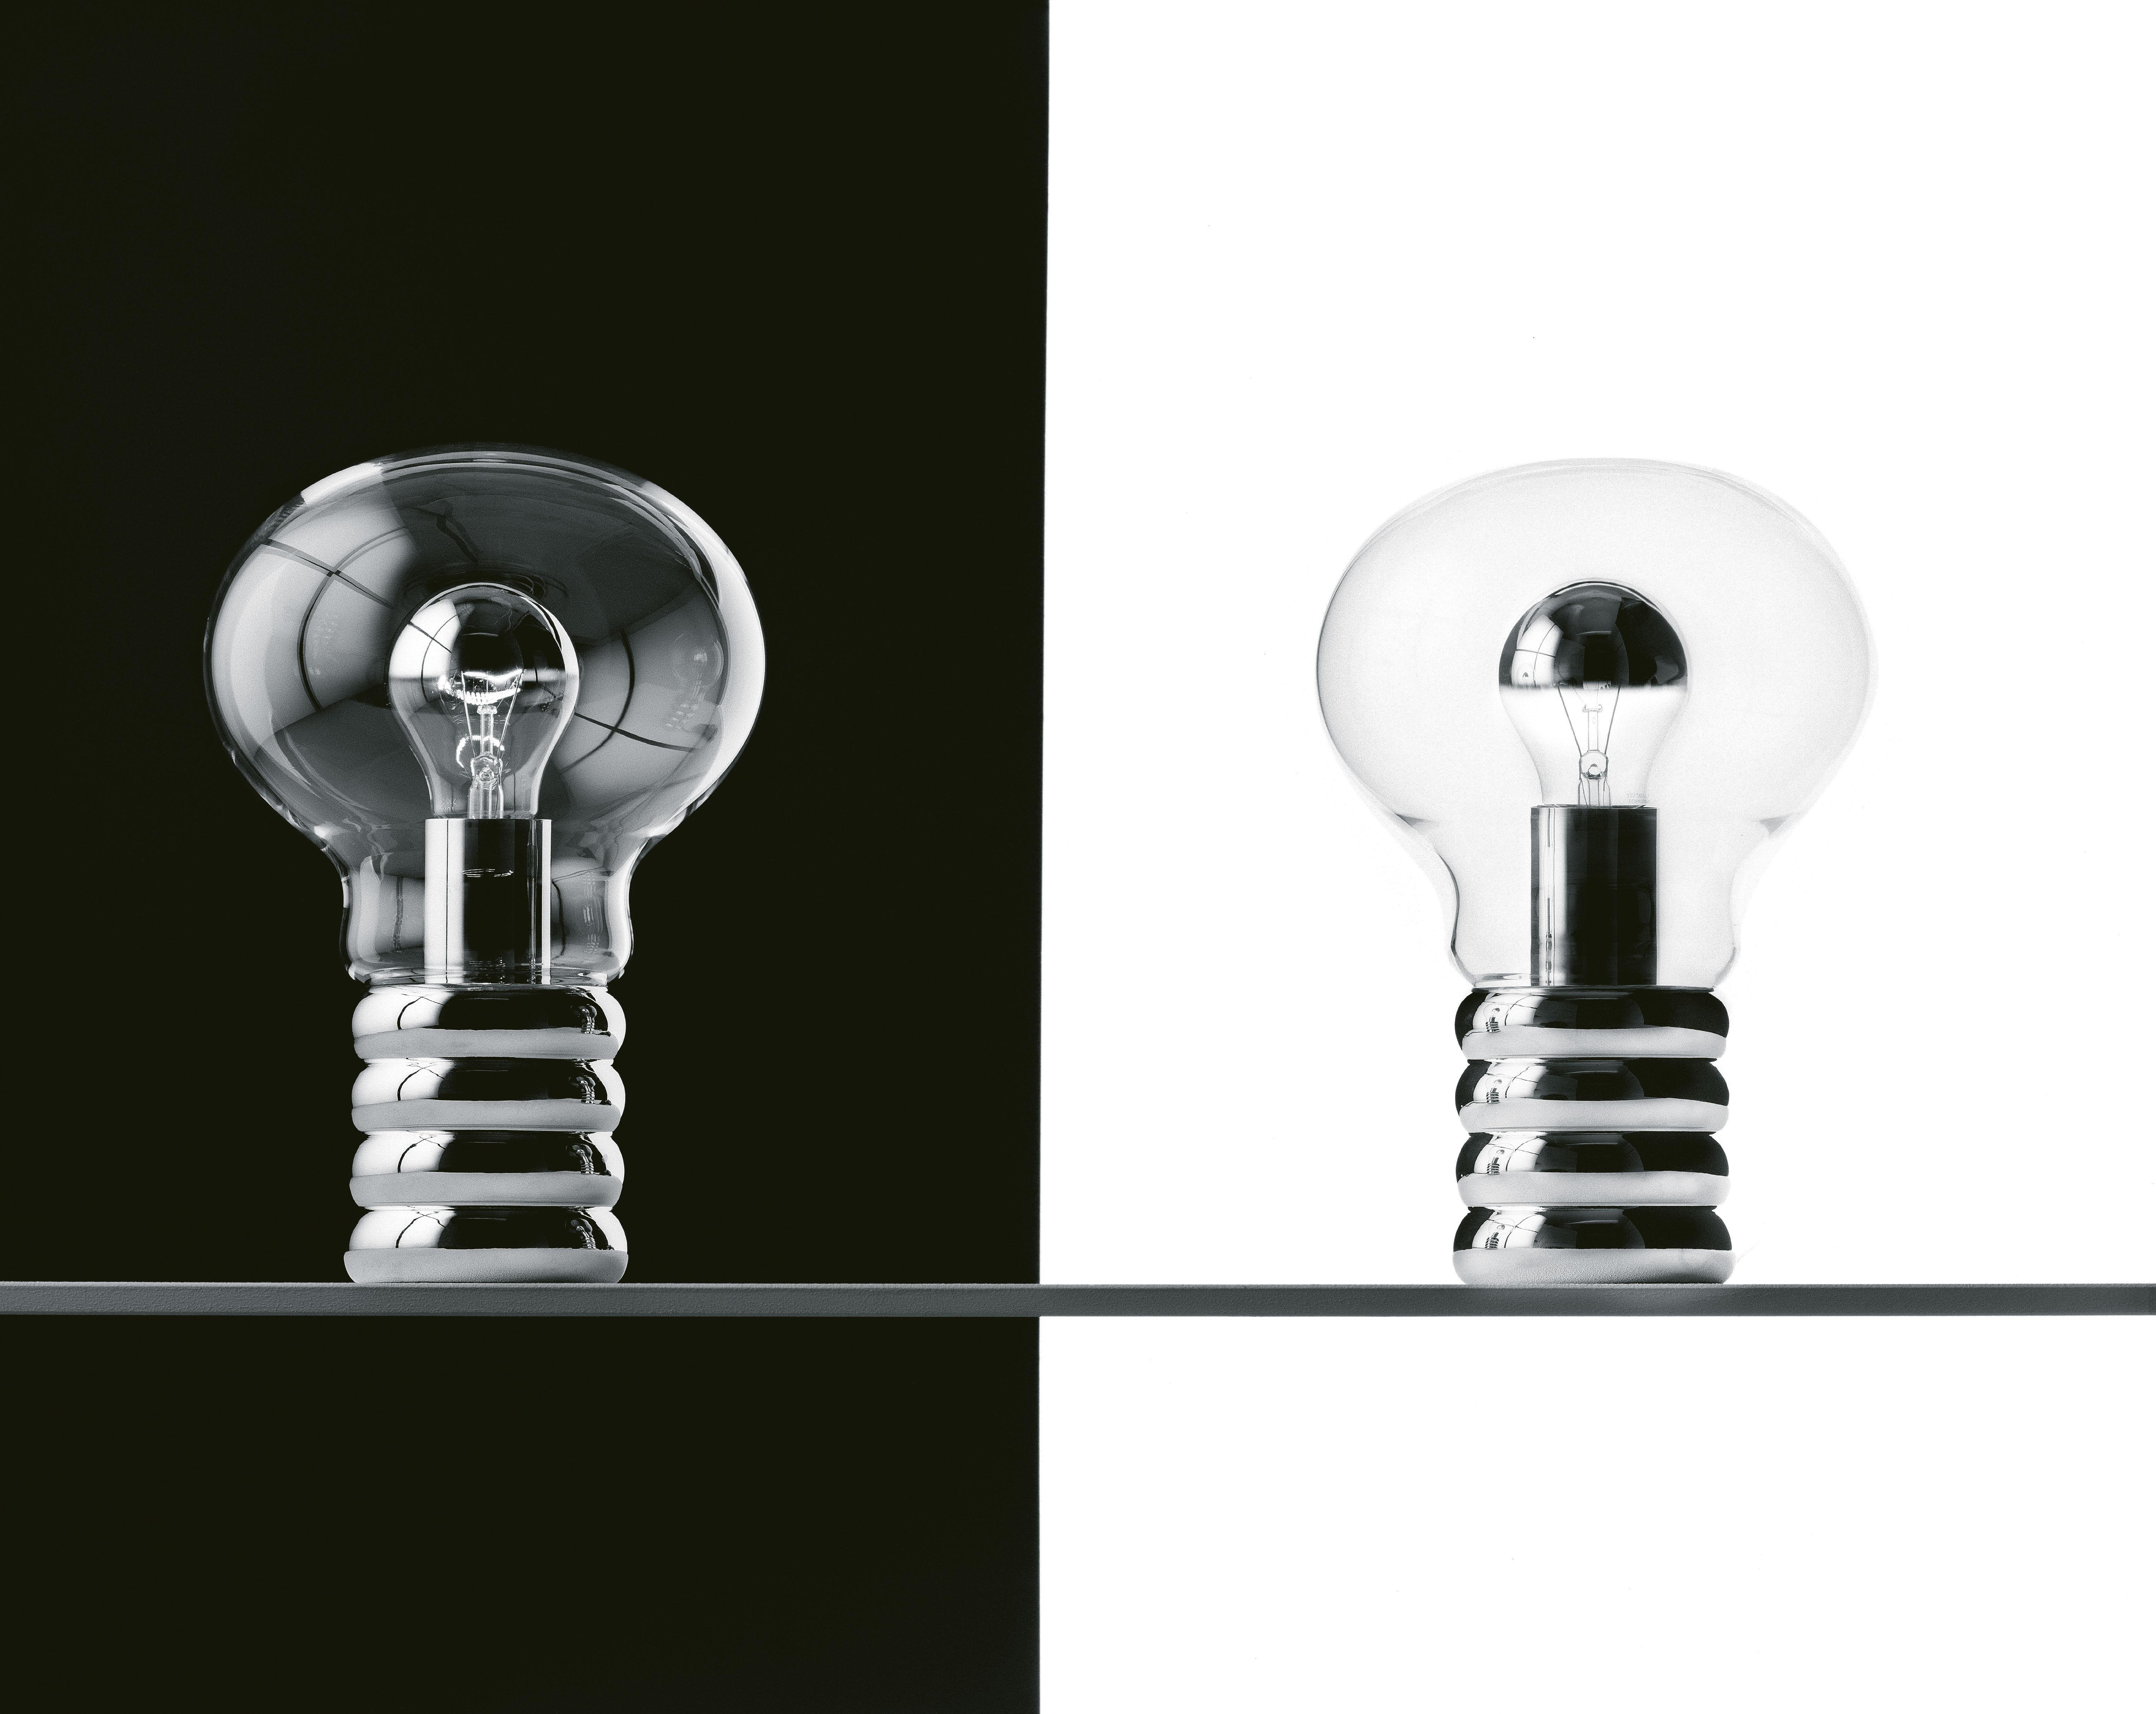 lampe de bureau bulb (1966)